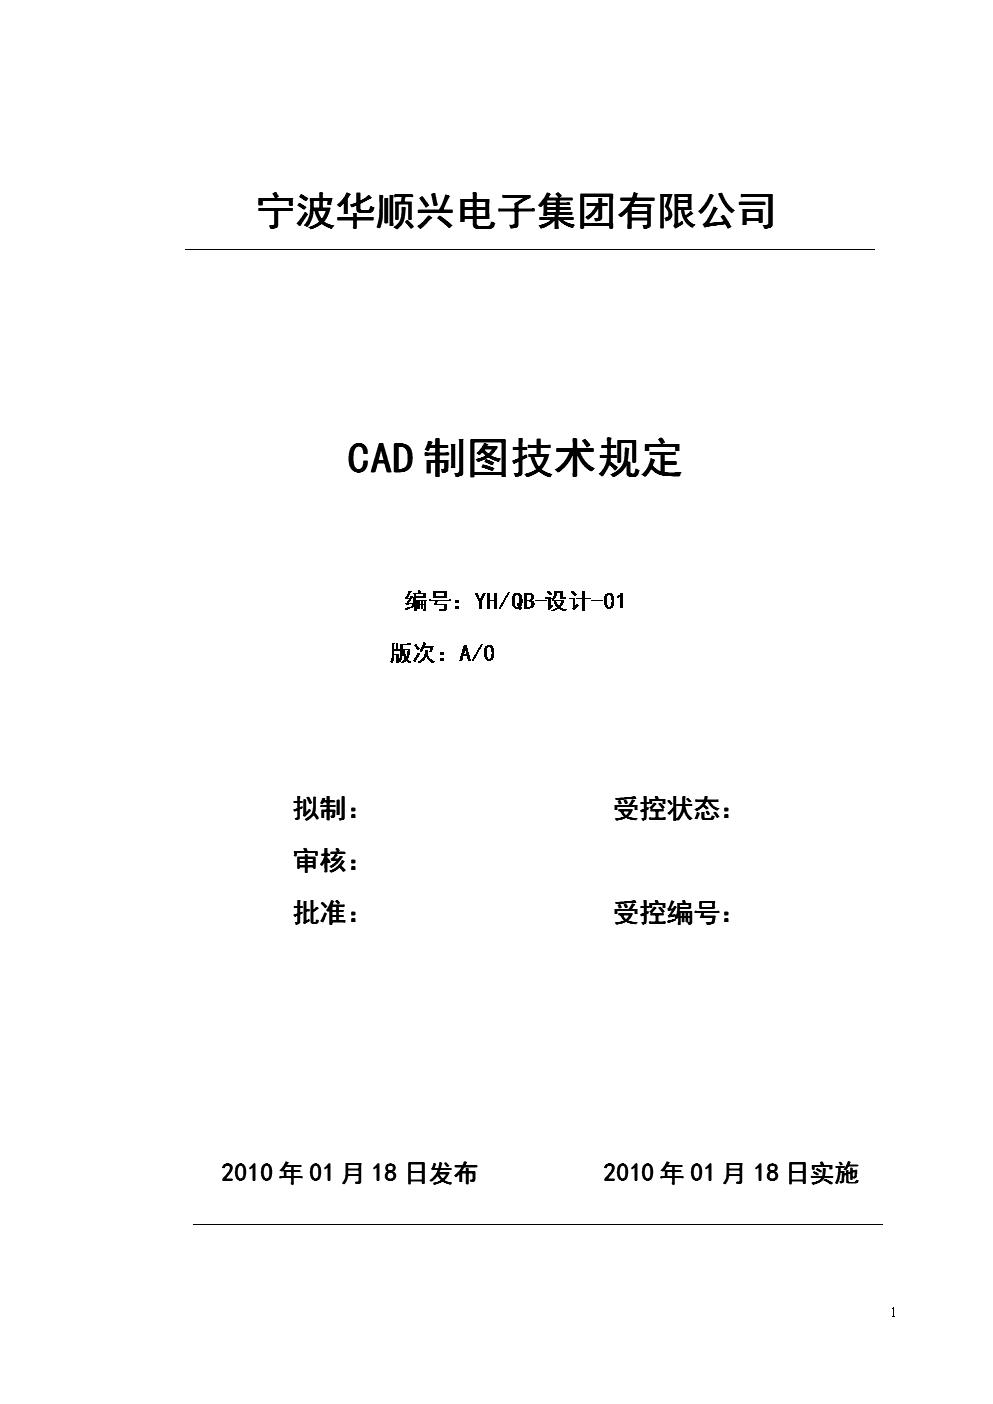 华顺兴电子集团有限公司CAD制图技术规定(DOC 10页).doc